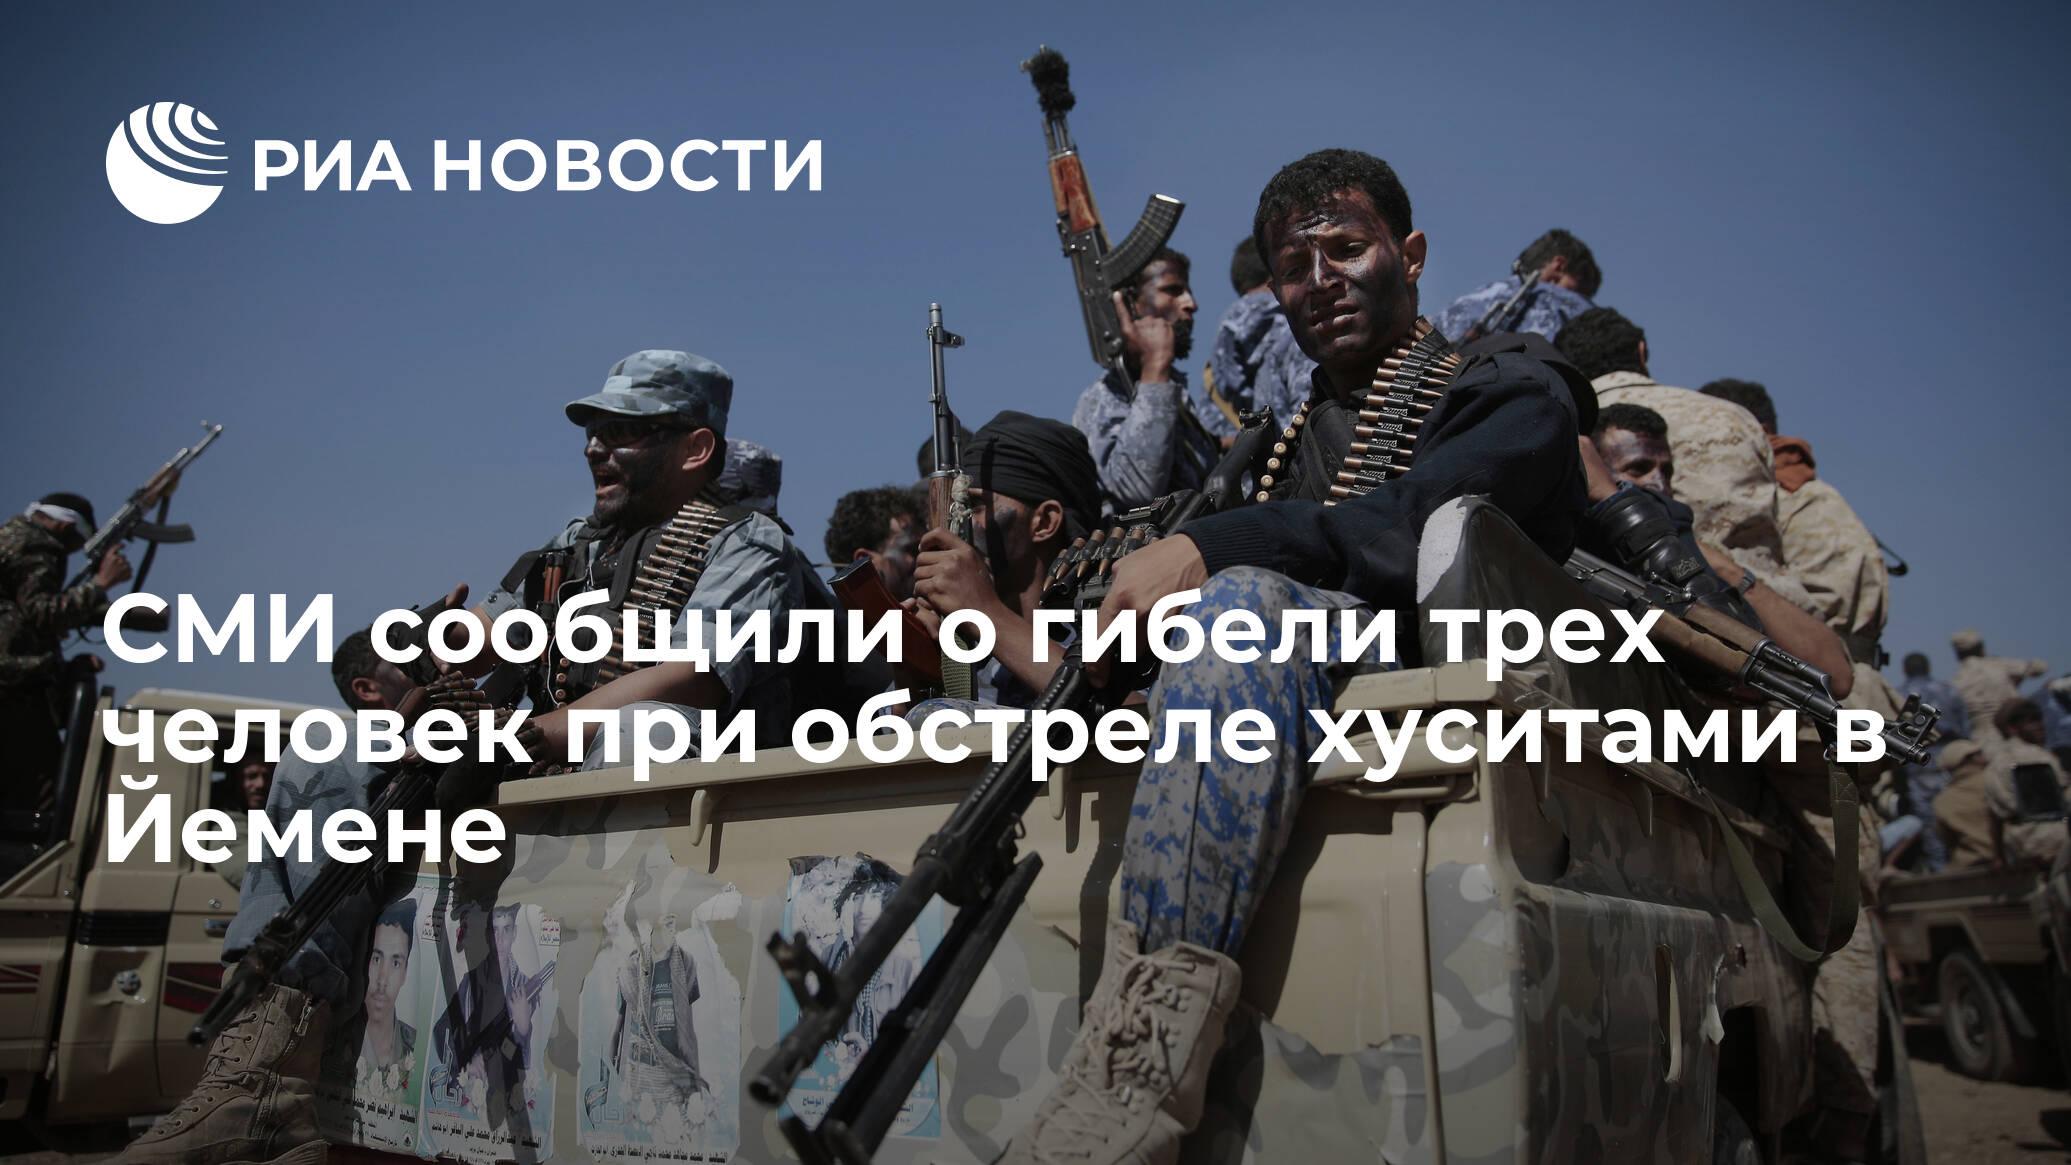 СМИ сообщили о гибели трех человек при обстреле хуситами в Йемене